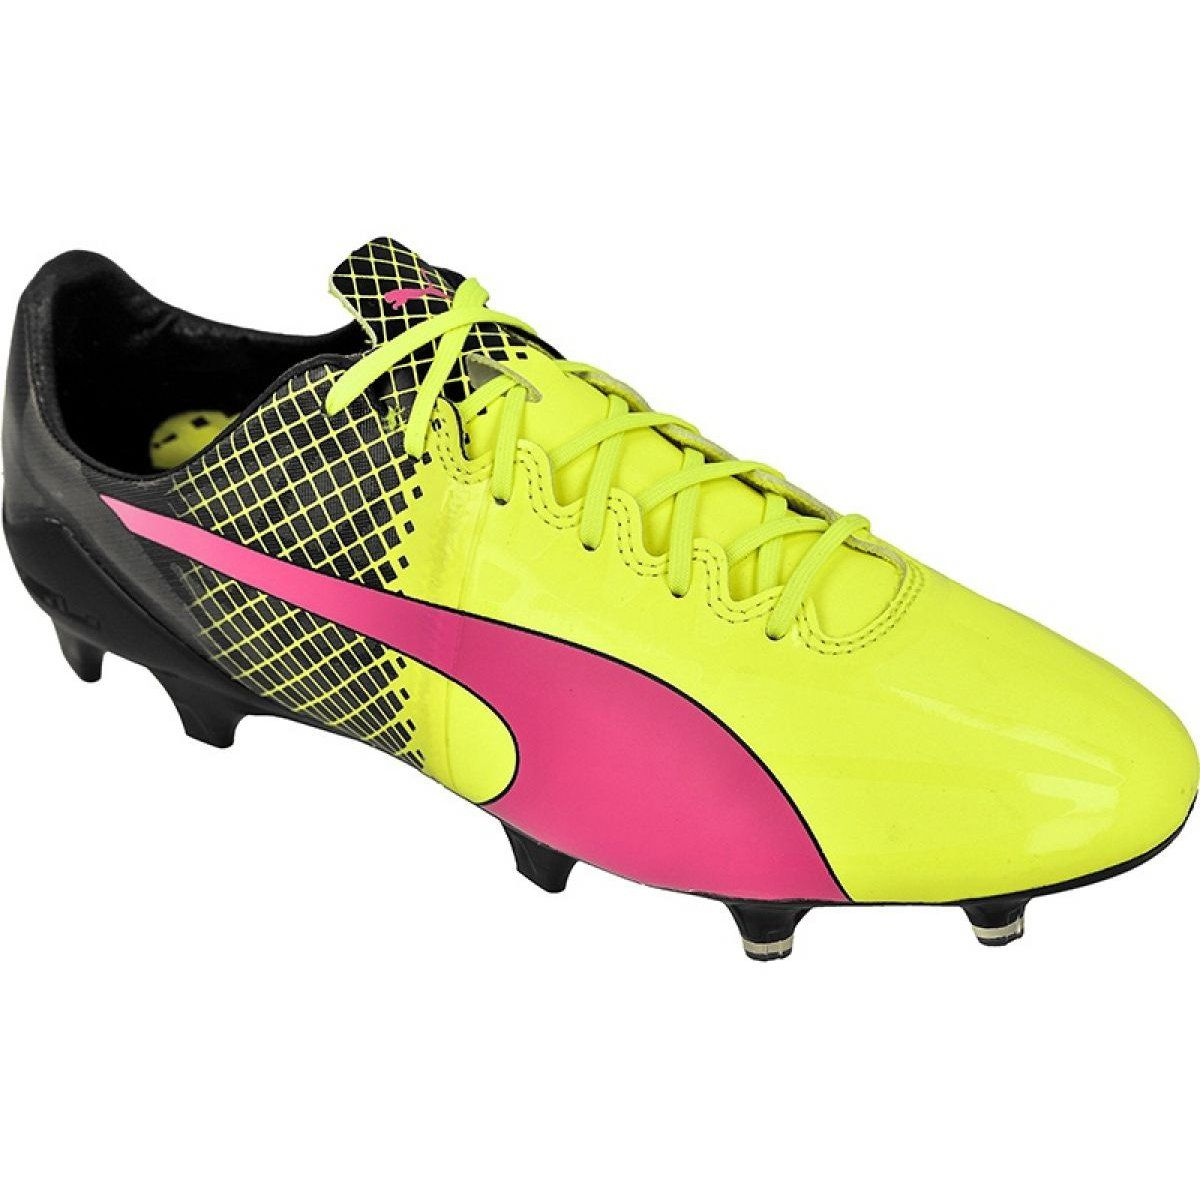 Korki Pilka Nozna Sport Puma Buty Pilkarskie Puma Evospeed 5 5 Tricks Fg M 10359601 Football Boots Puma Boots